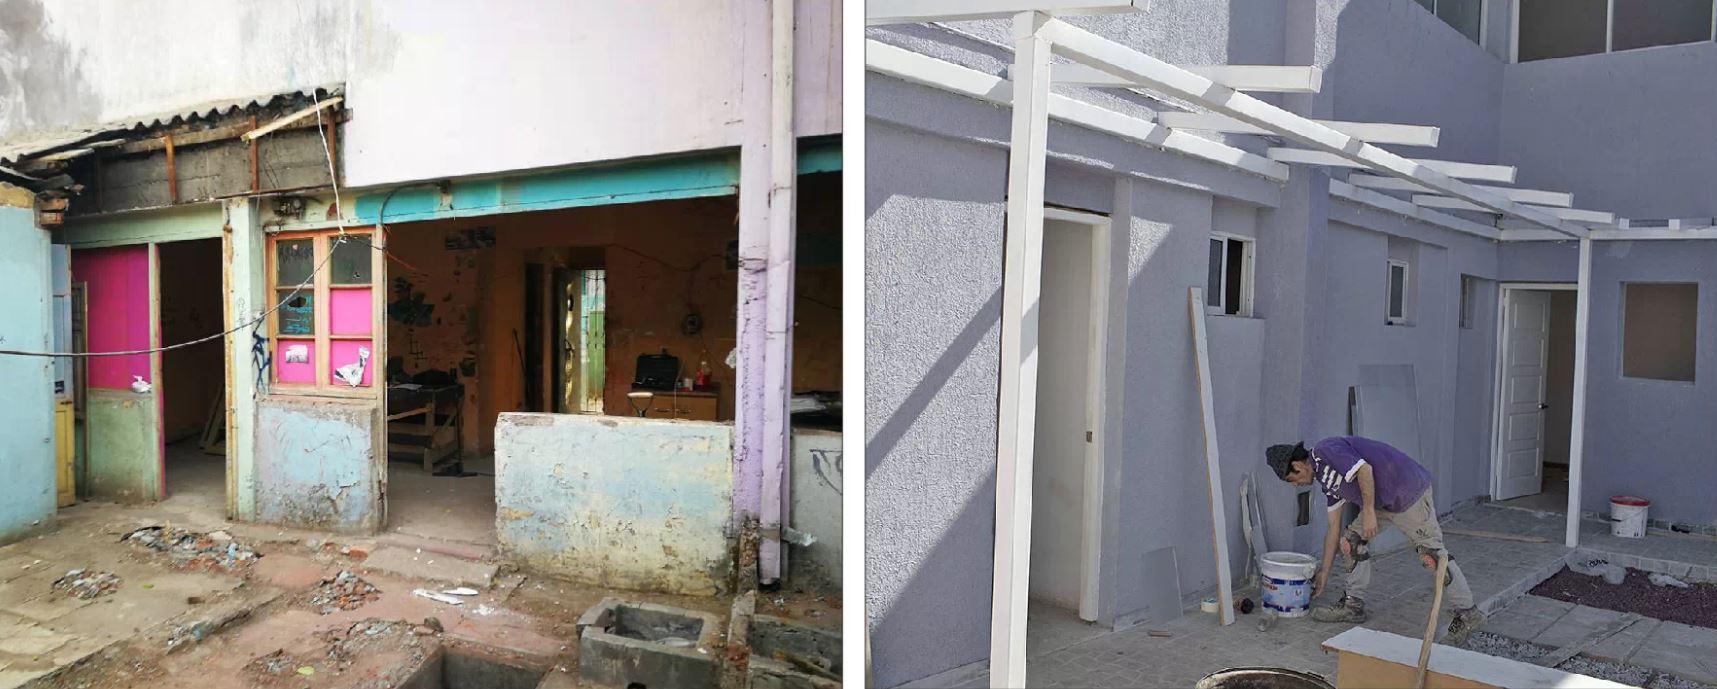 una casa destruida se convierte en proyecto inmobiliario